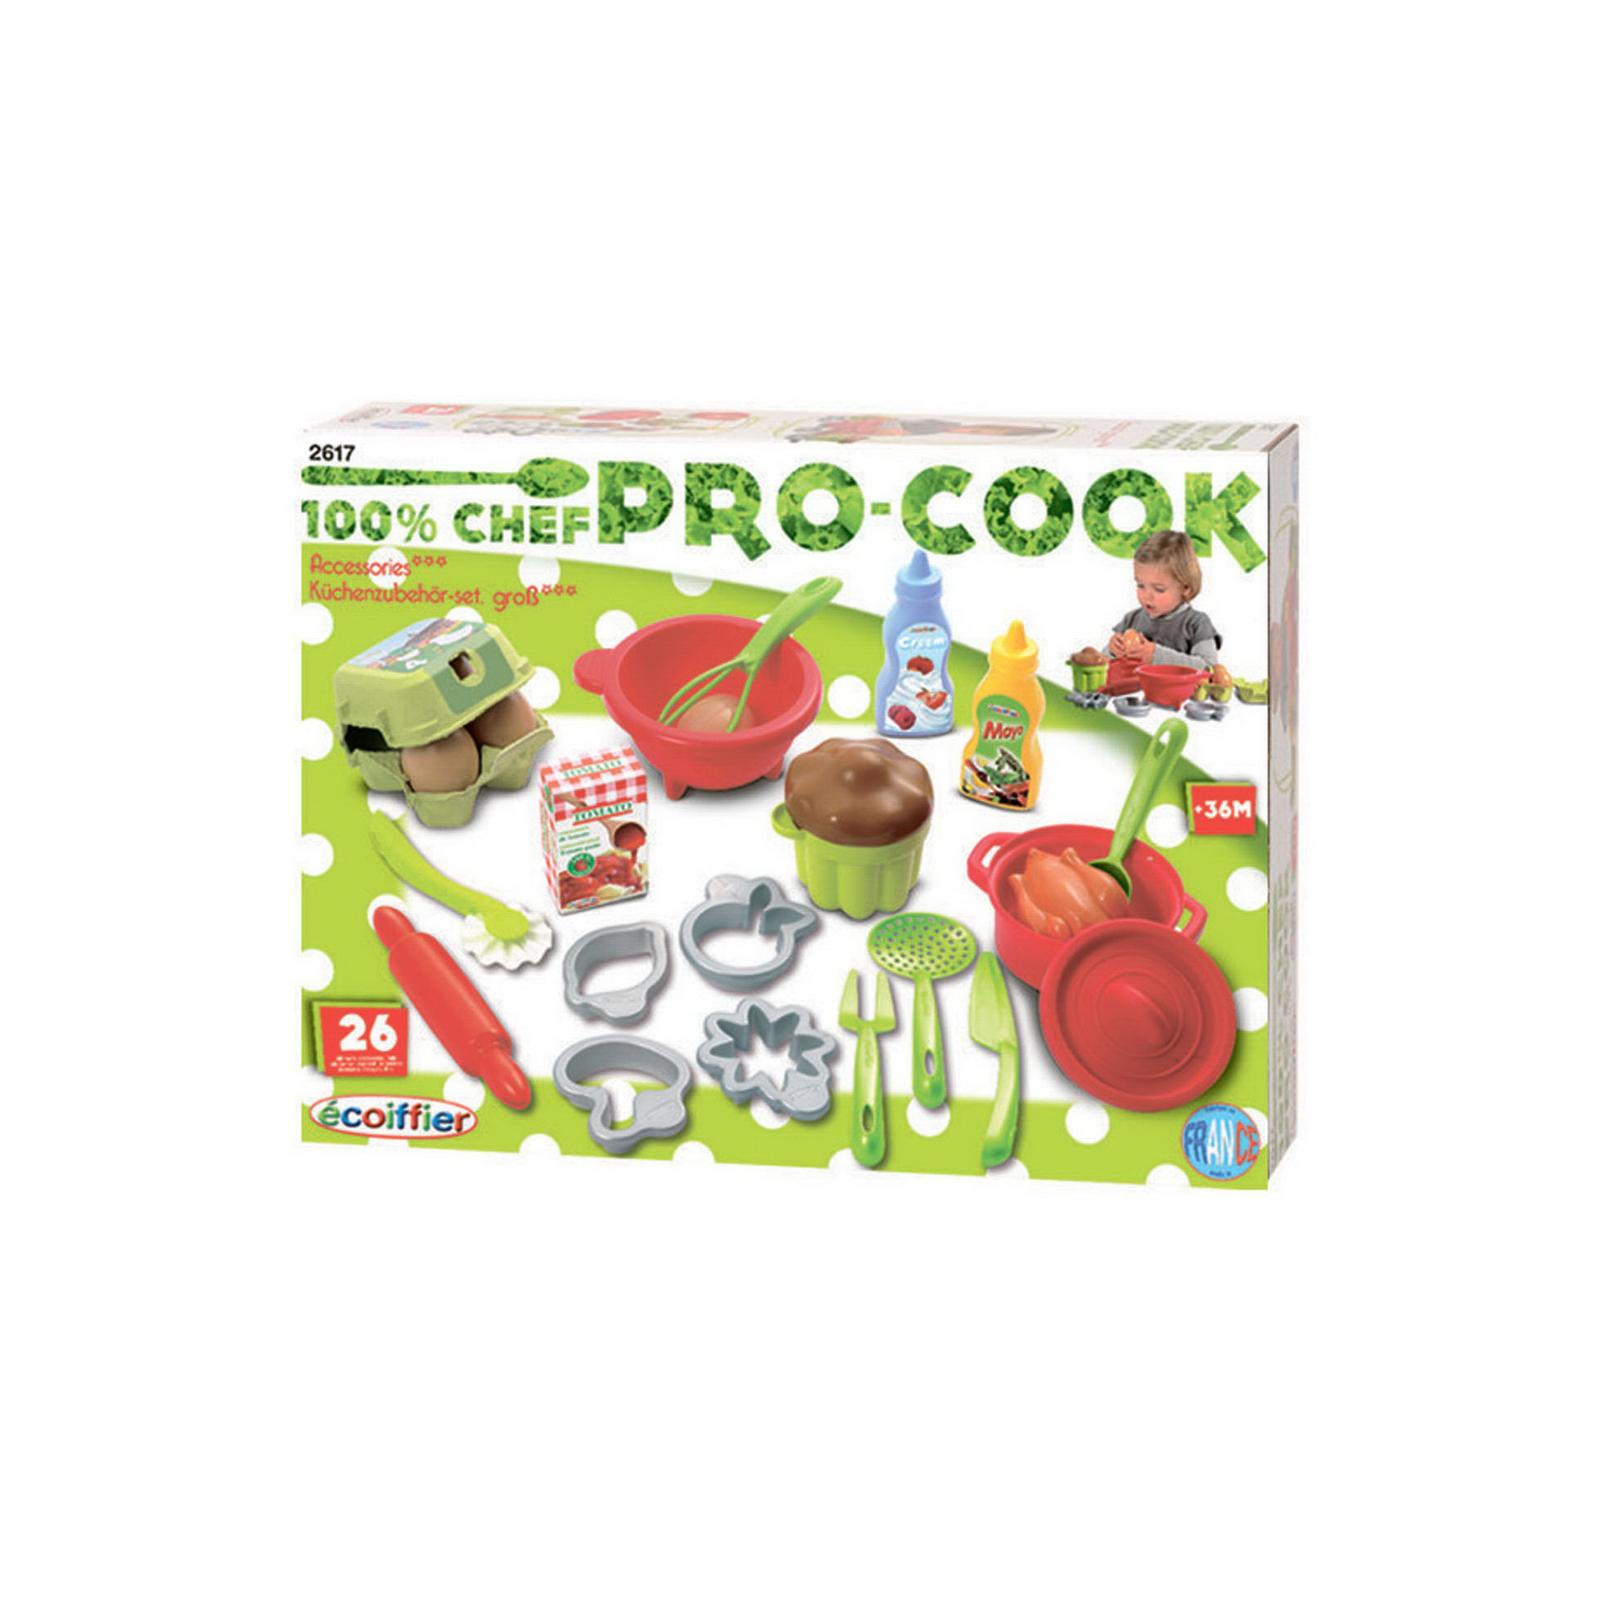 Игровой набор Ecoffier Посудка с продуктами (26 предметов)<br>